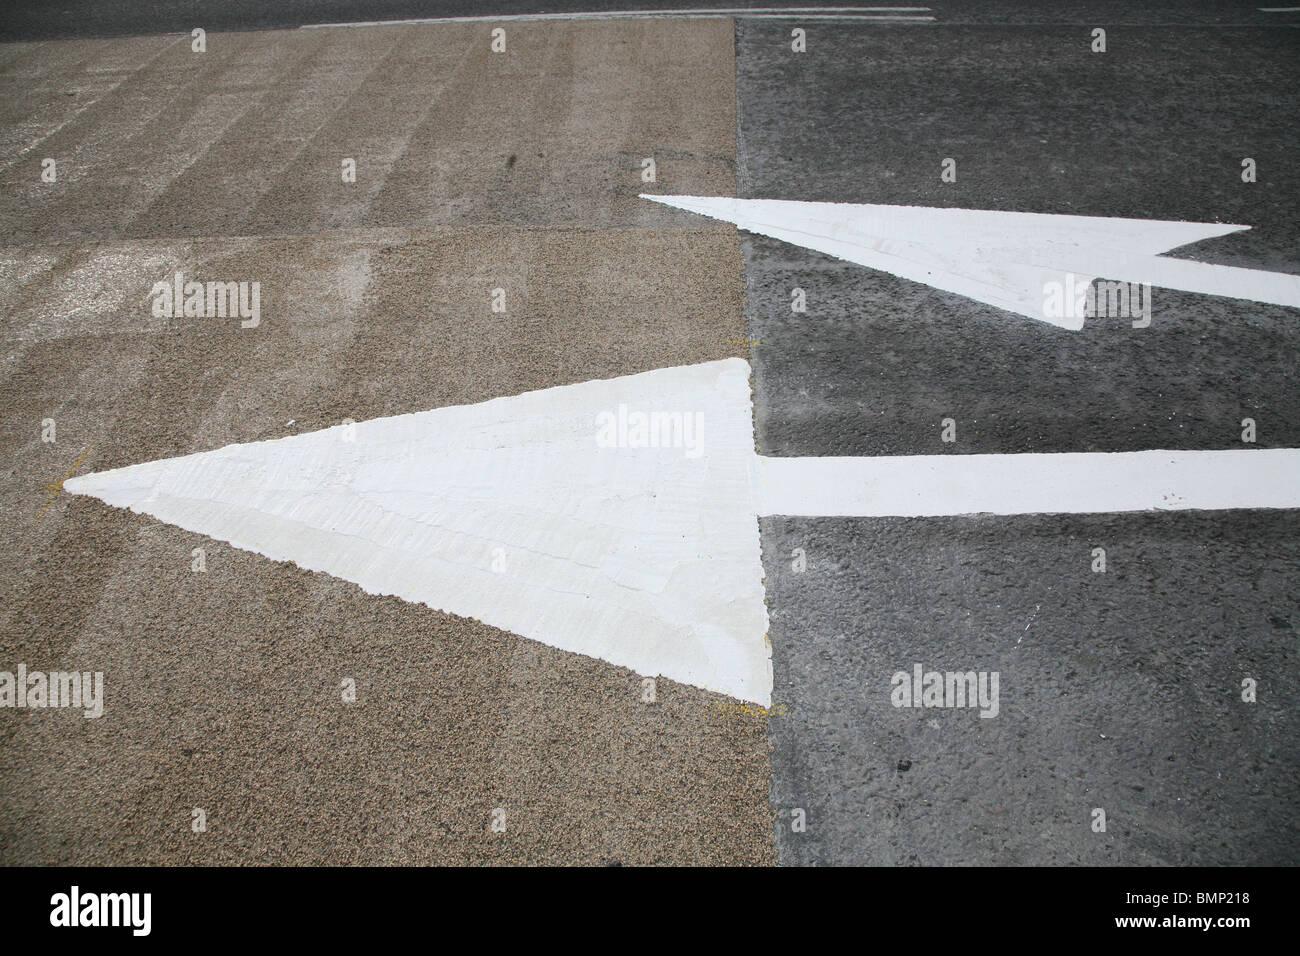 De nouveaux marquages routiers - flèches blanches Photo Stock